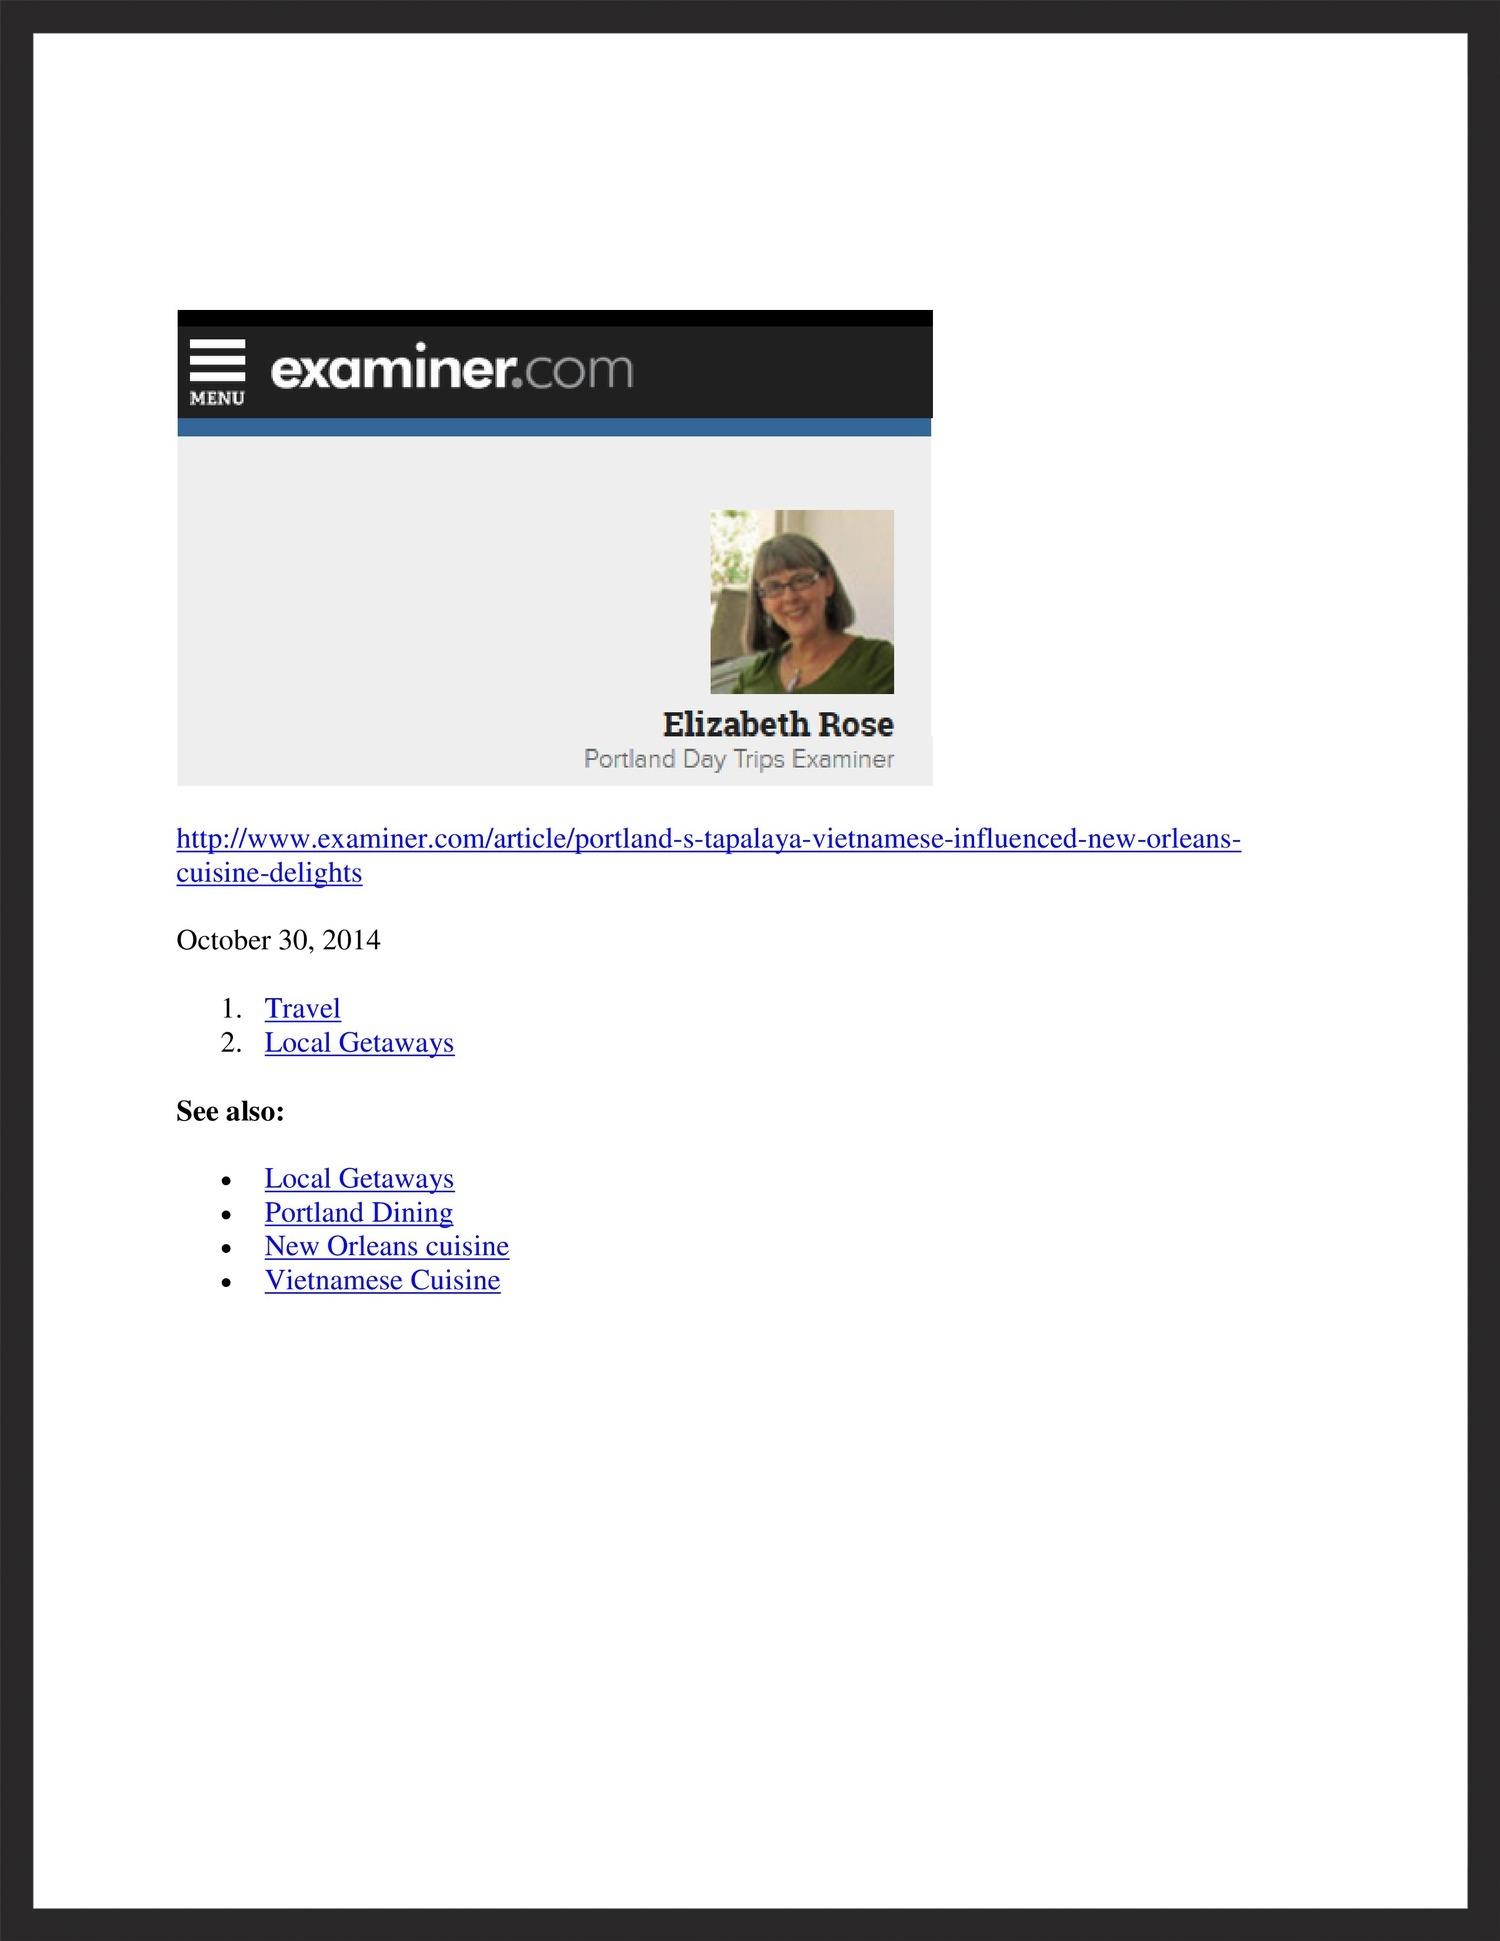 TAPALAYA  Examiner.com  10.30.2014